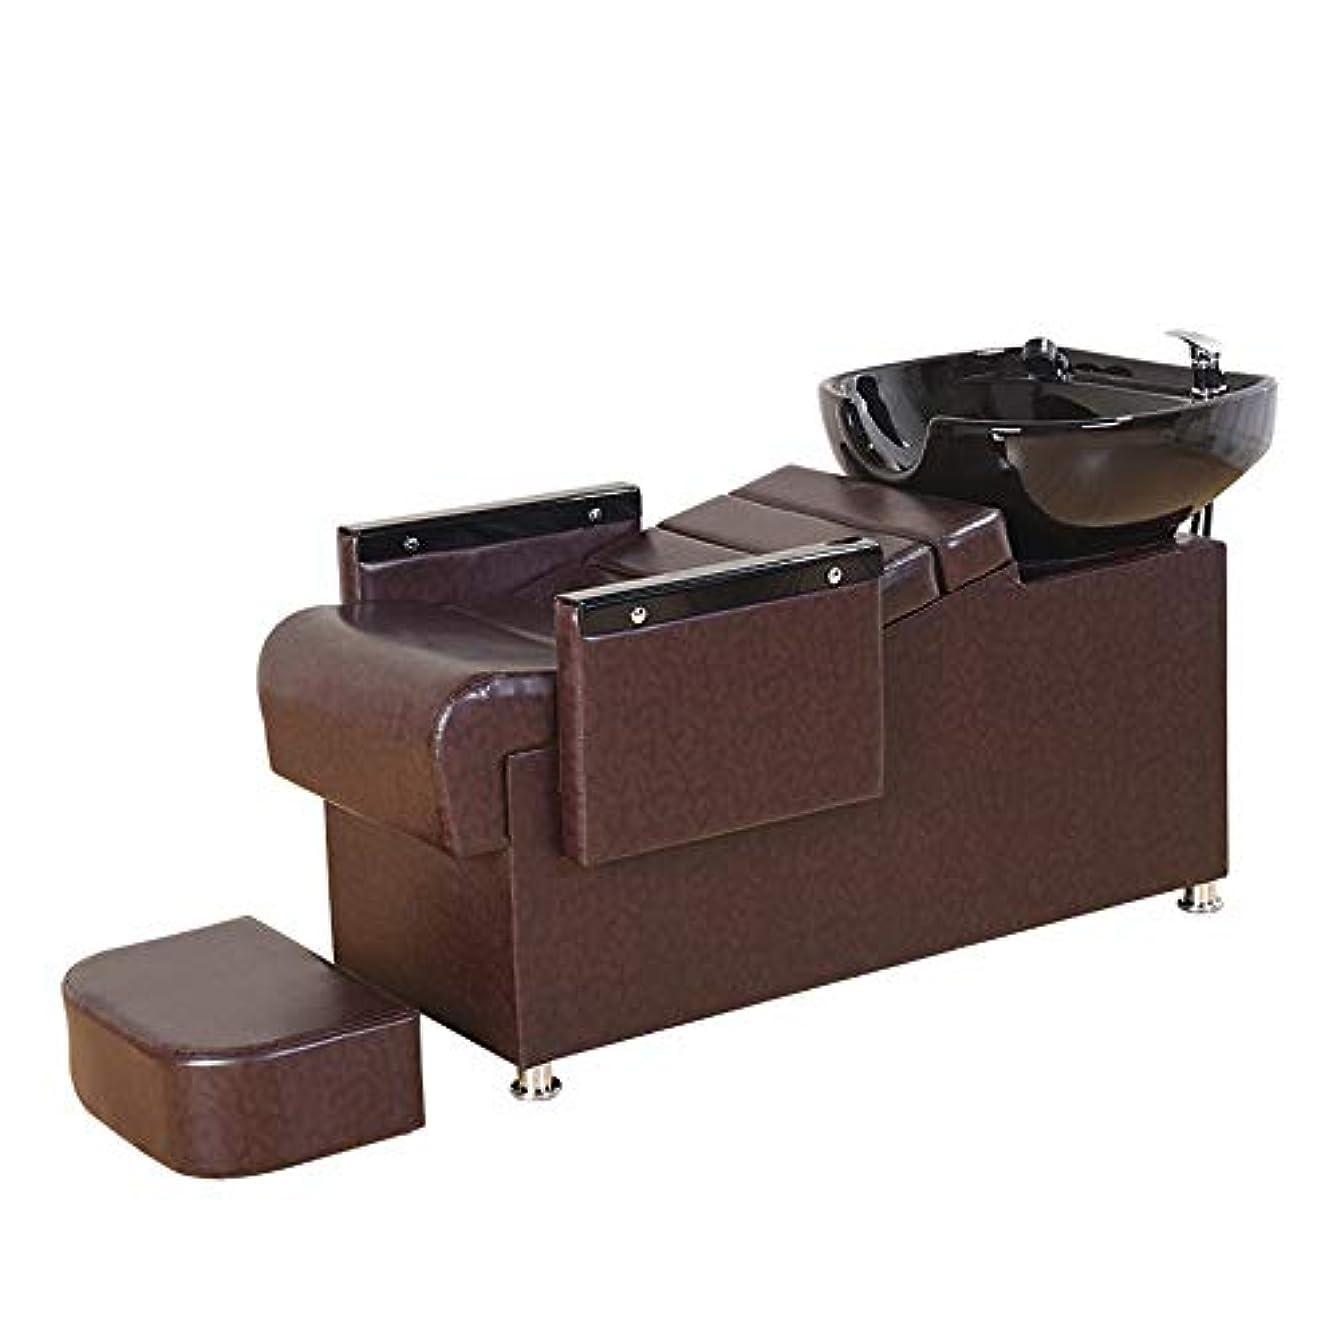 主張する哀欠陥シャンプー椅子、逆洗ユニットシャンプーボウル理髪店フラッシングベッド美容院シンク椅子用スパ美容院機器